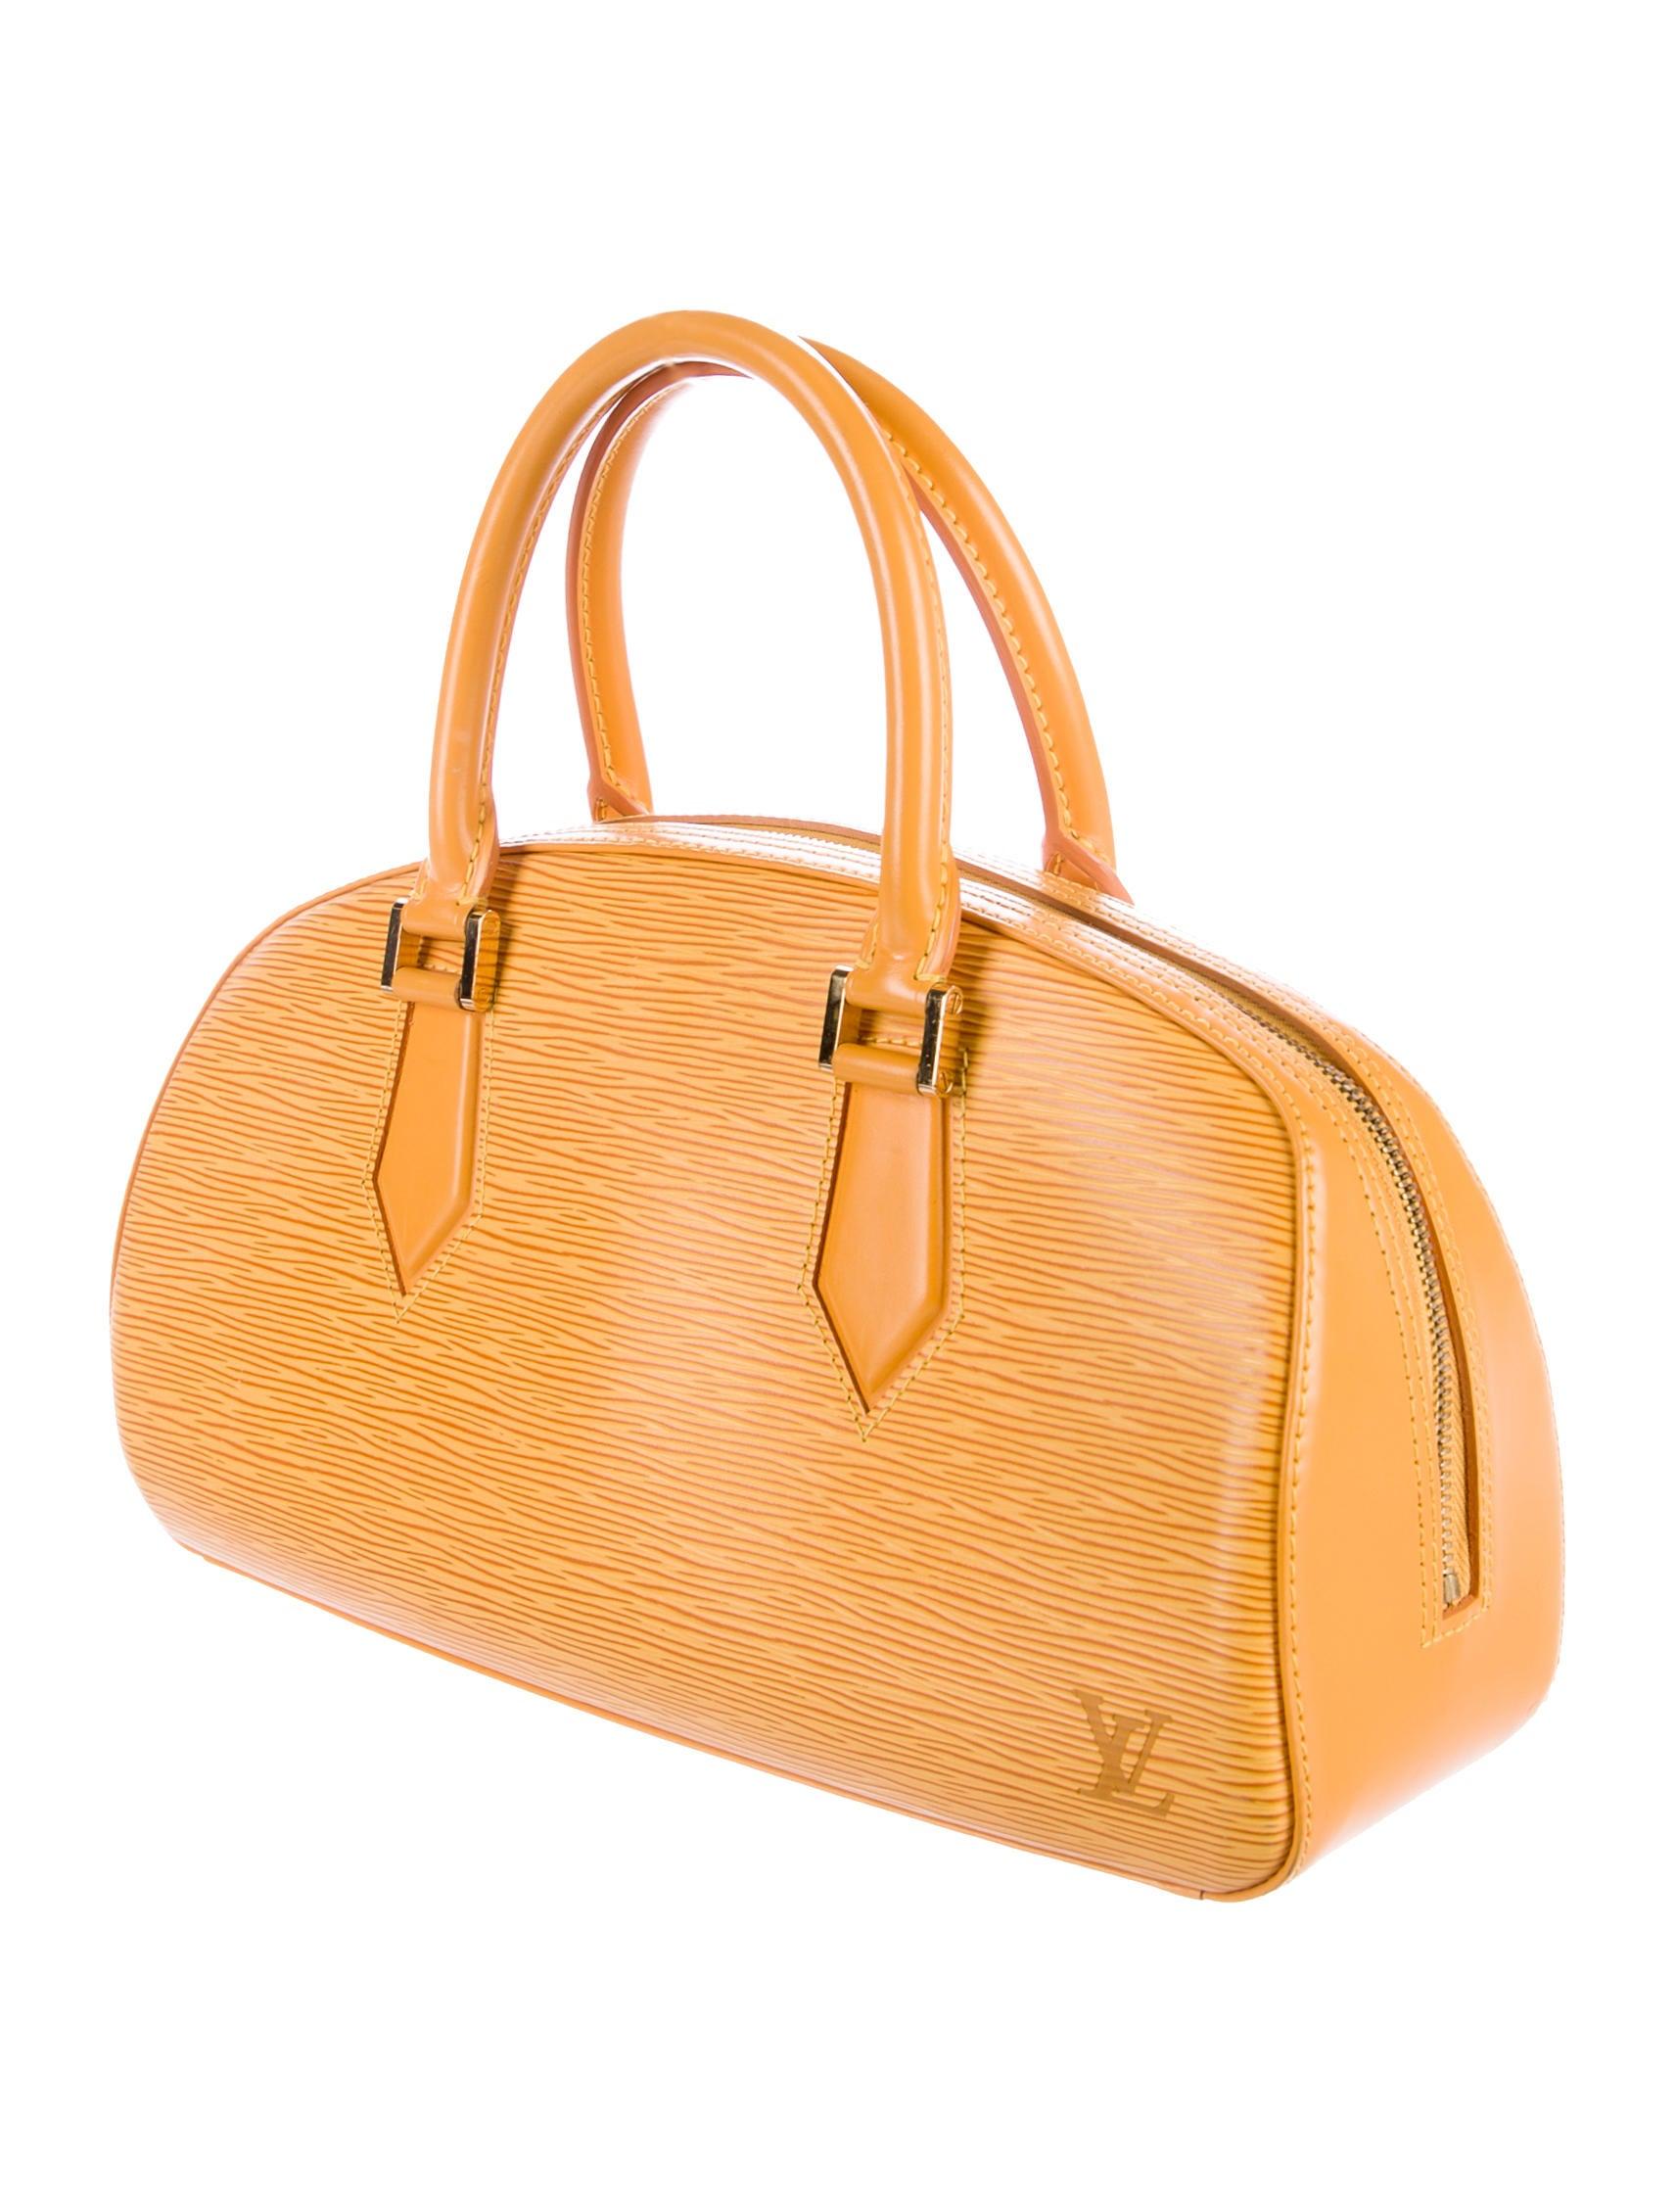 Louis vuitton epi jasmin bag handbags lou129625 the for Louis vuitton miroir bag